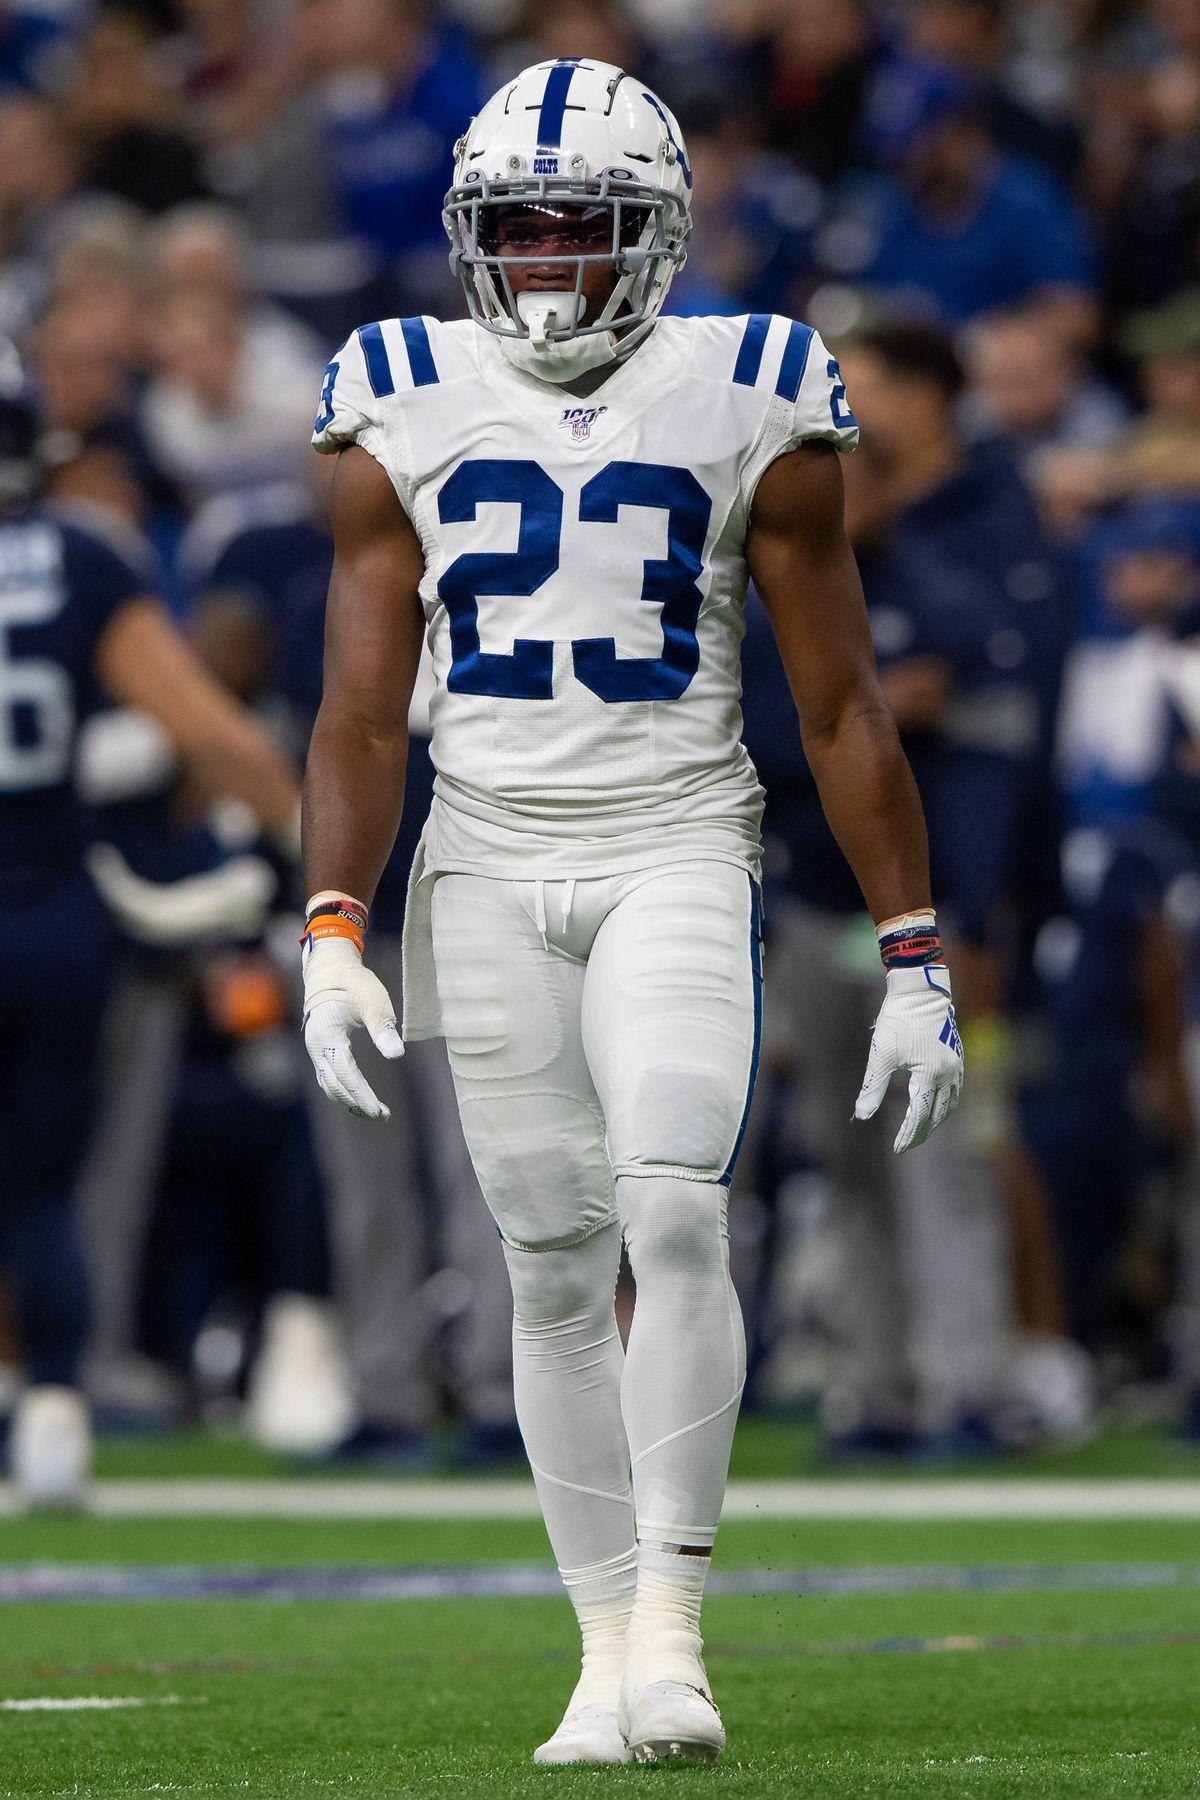 NFL: DEC 01 Titans at Colts